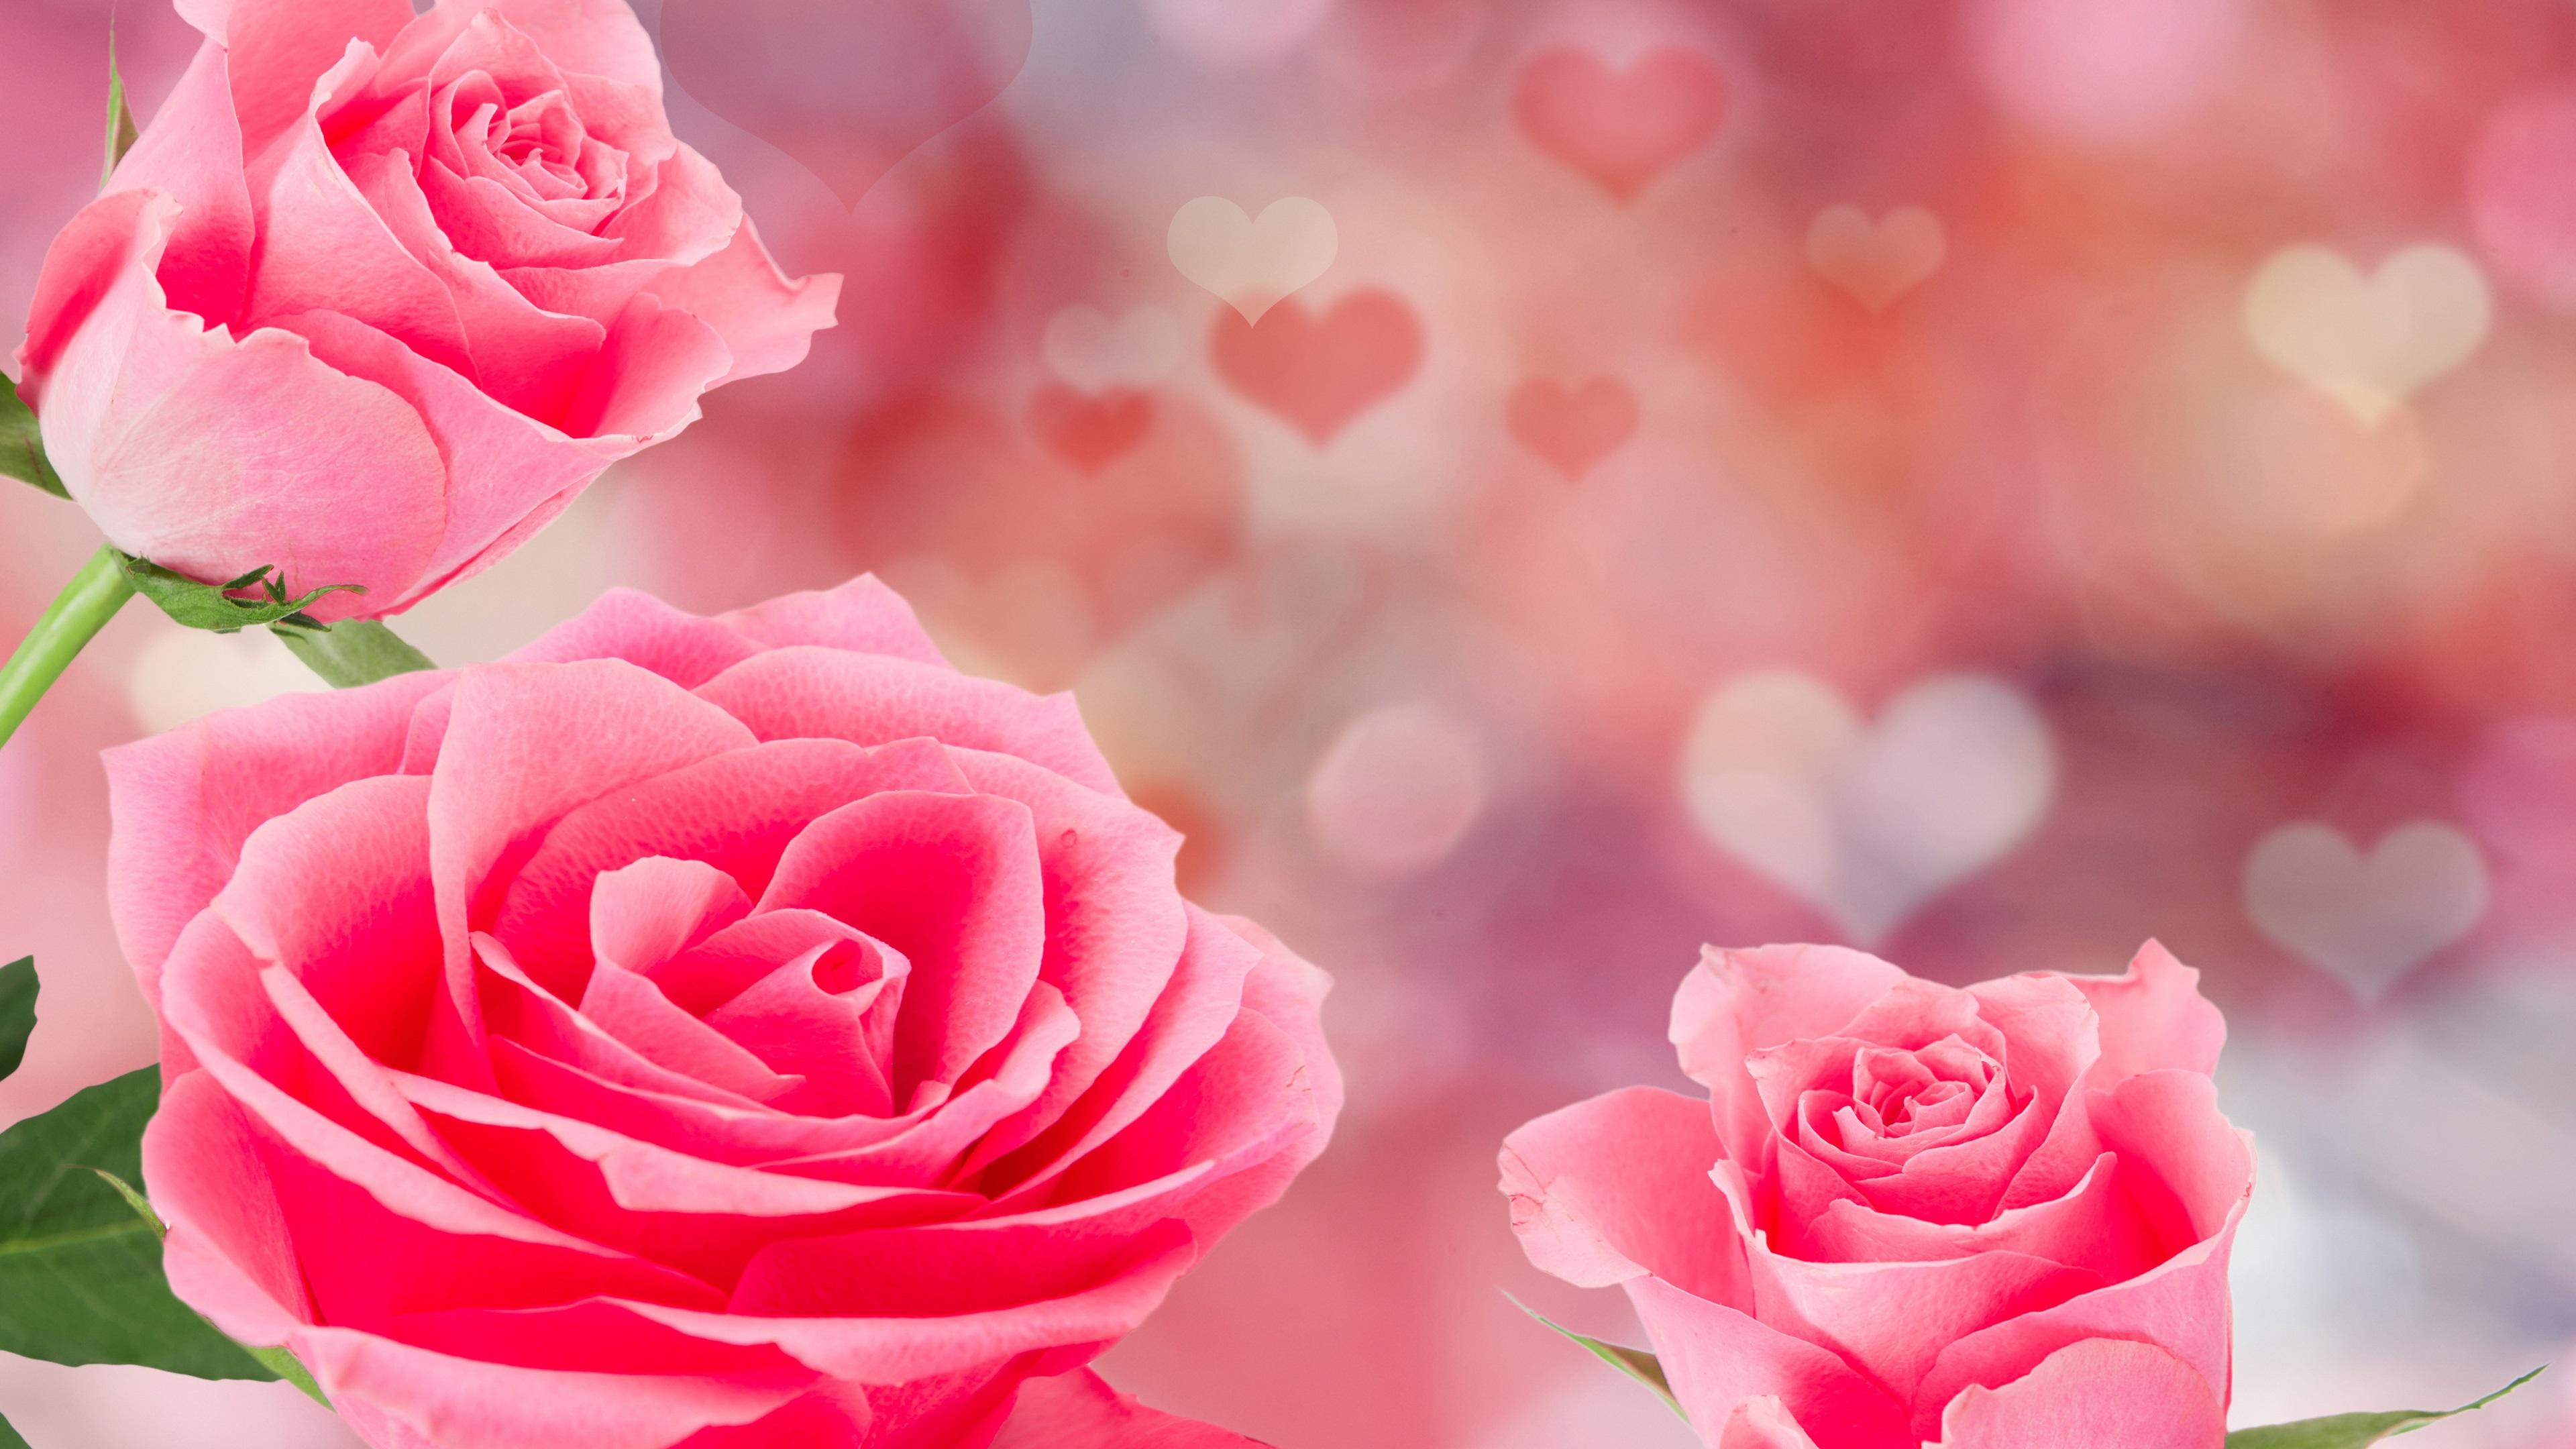 Fondos De Pantalla Rosa: Fondos De Pantalla Rosas Rosas, Fondo De Corazones De Amor